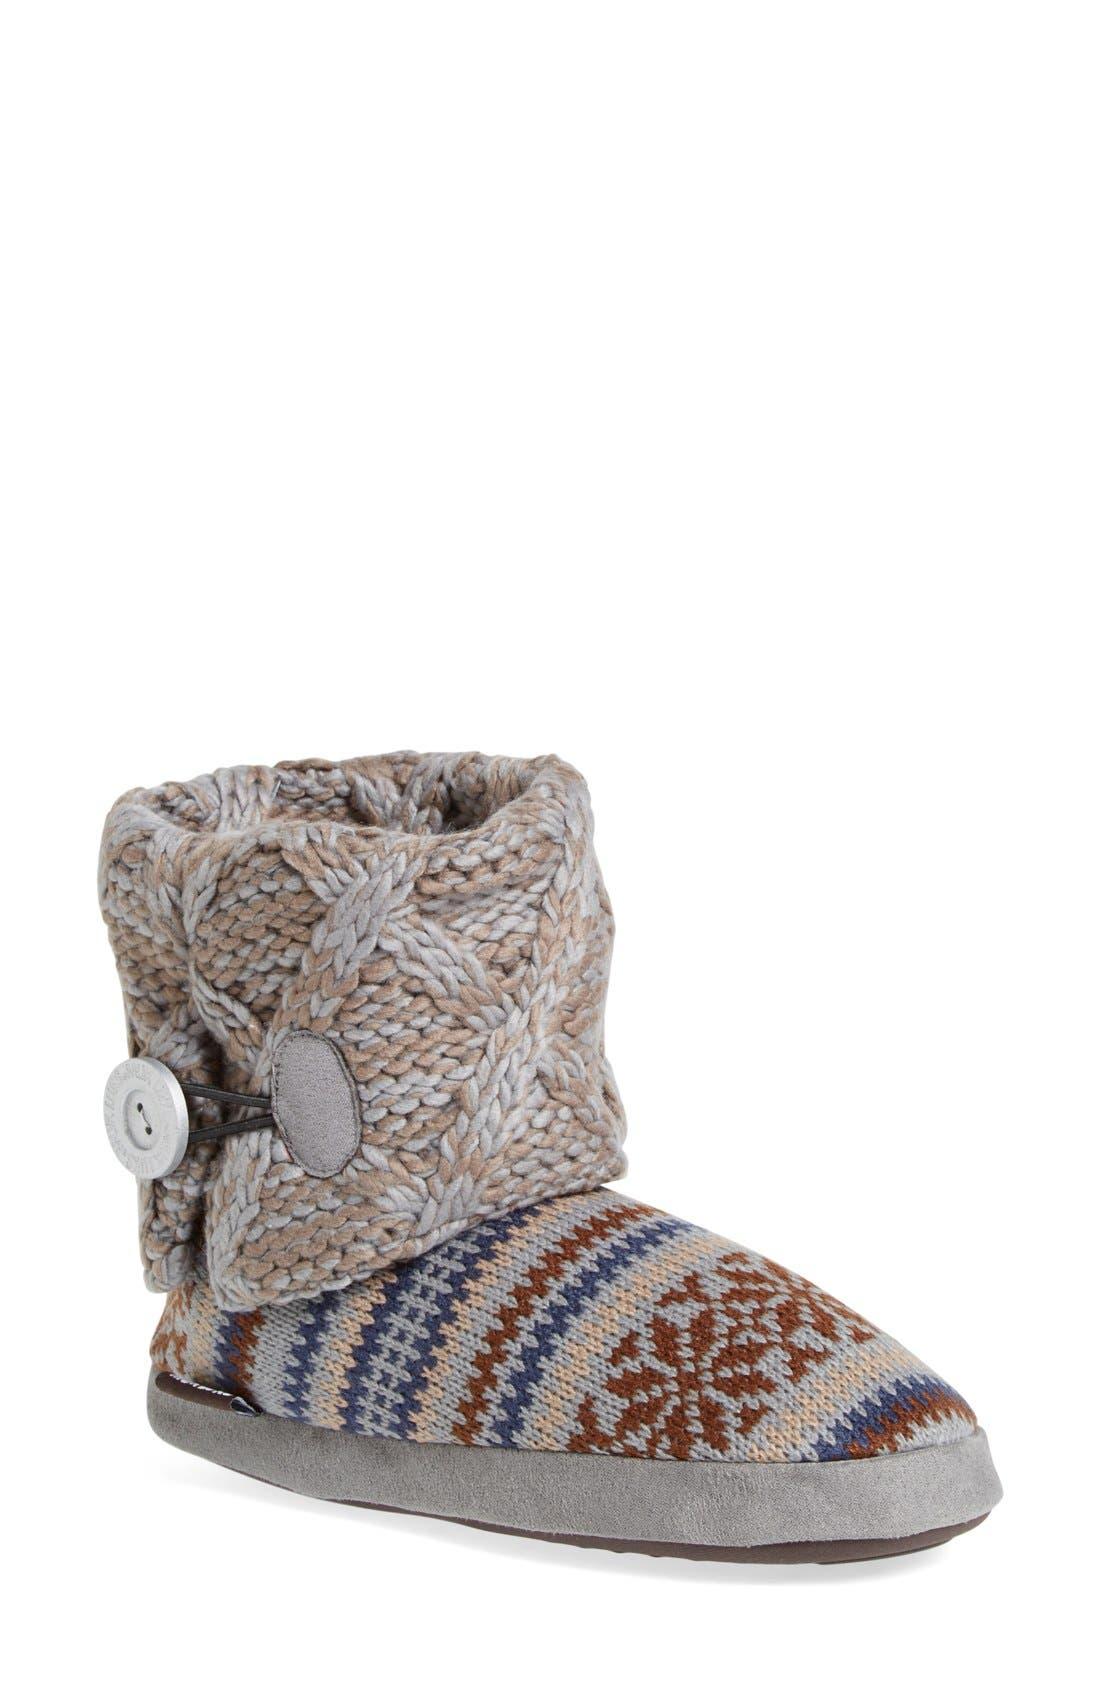 Alternate Image 1 Selected - MUKLUKS 'Patti' Slipper Boot (Women)